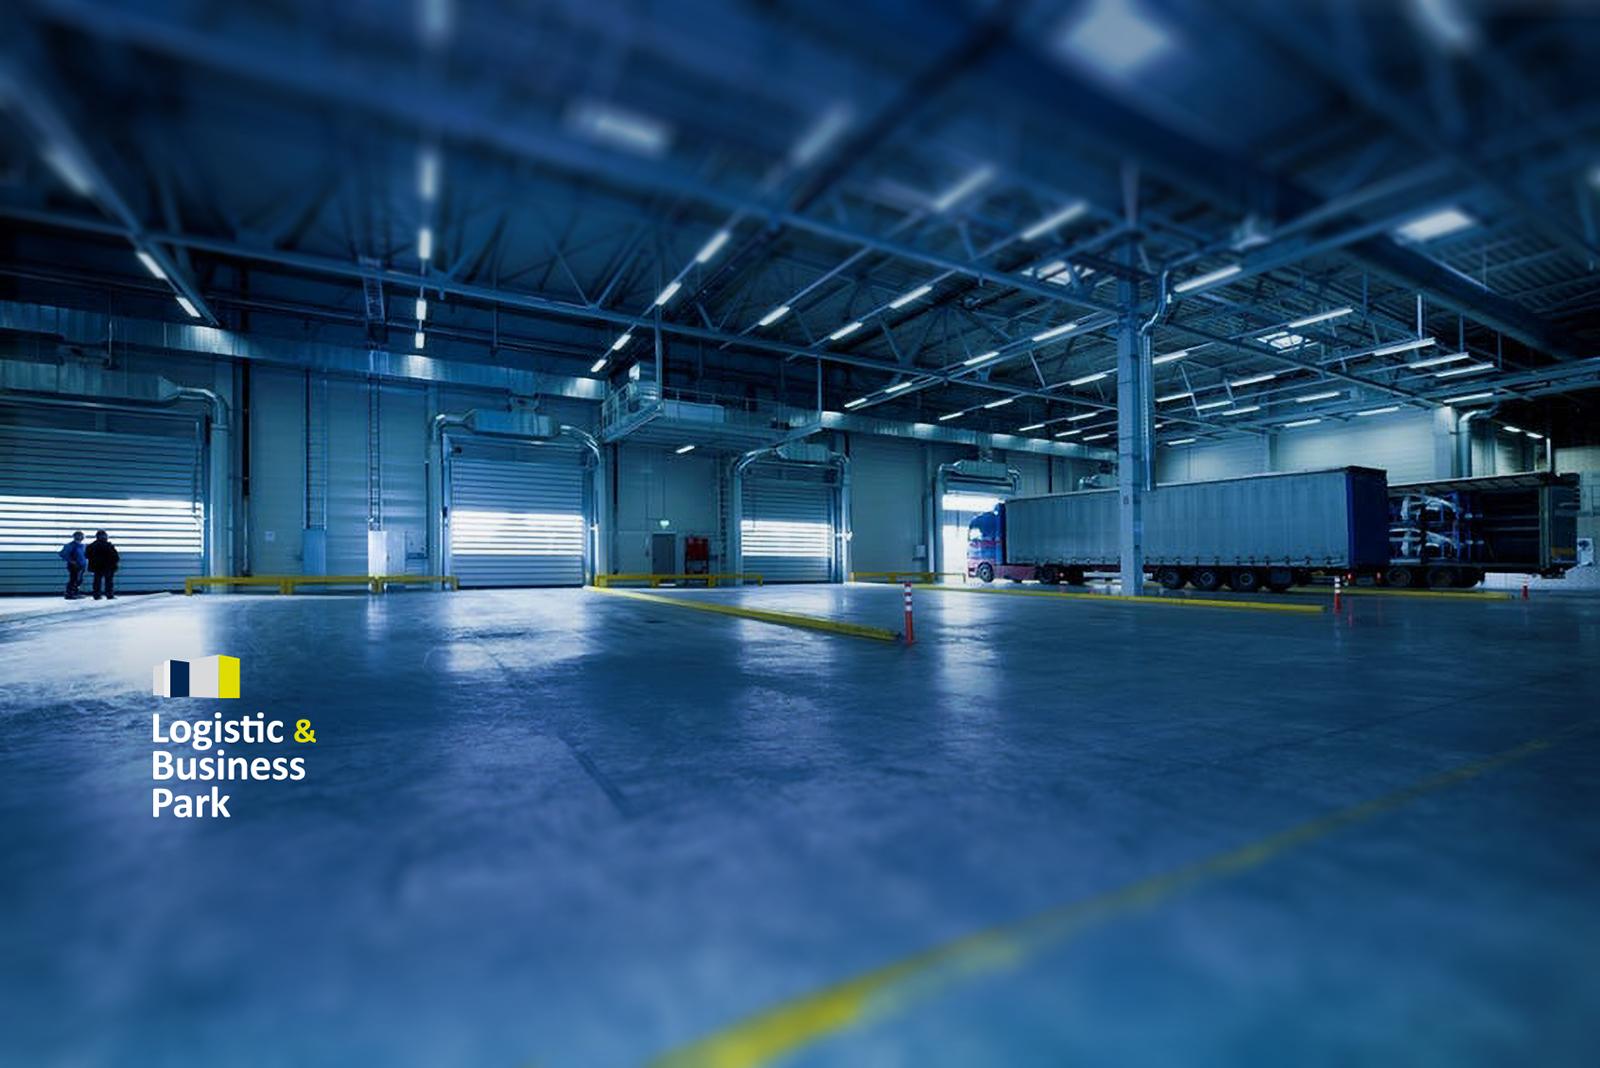 Logistic & Business Park